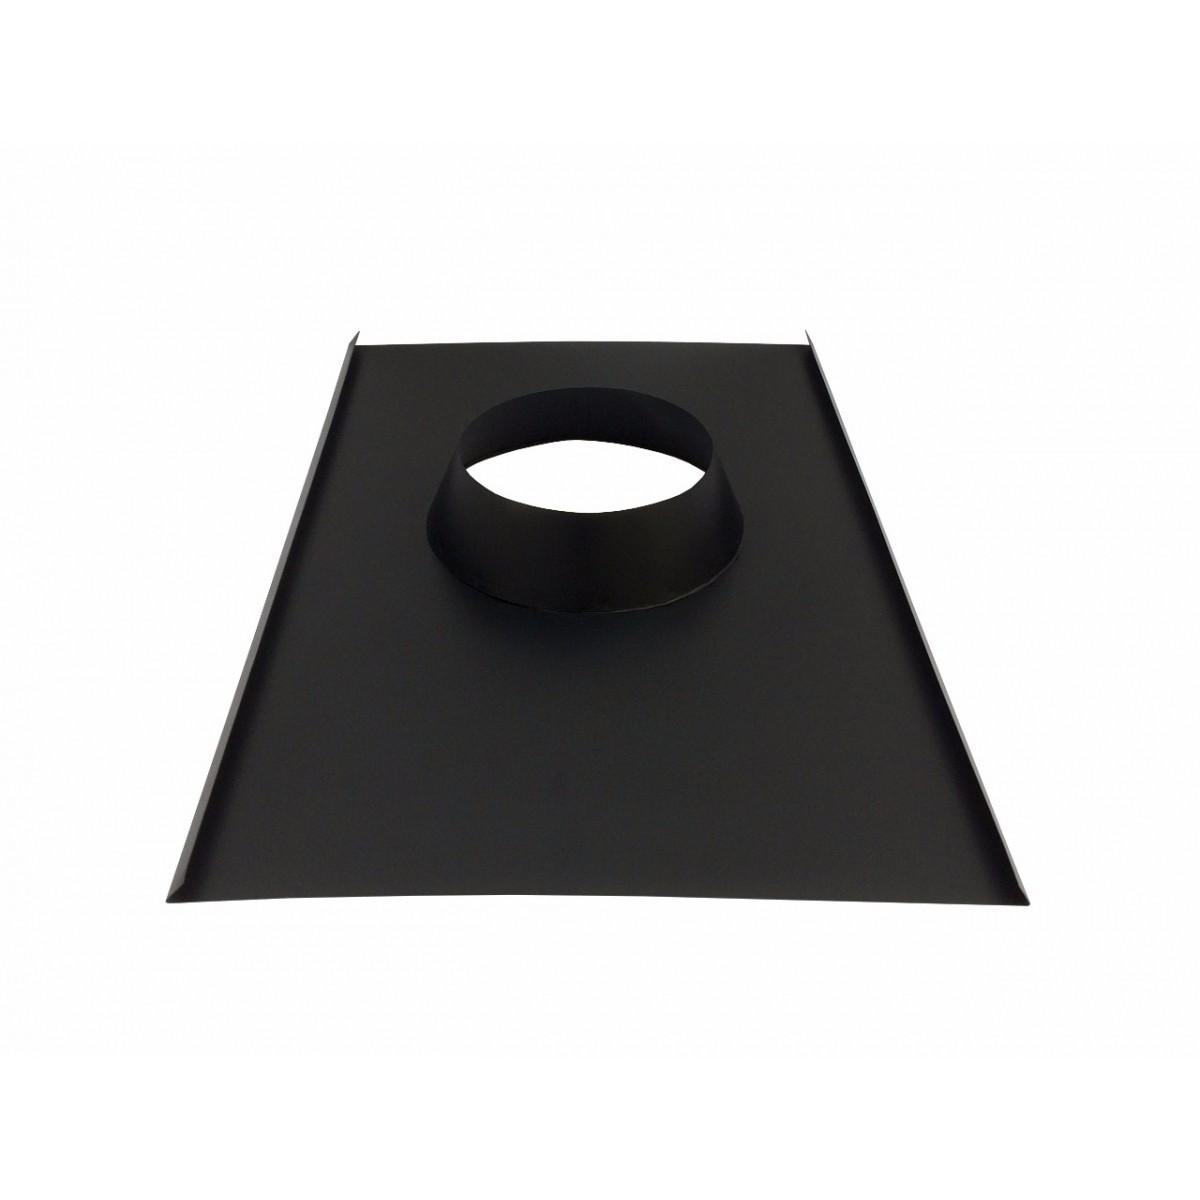 Rufo colarinho de telhado preto para chaminé de 130 mm de diâmetro  - Galvocalhas